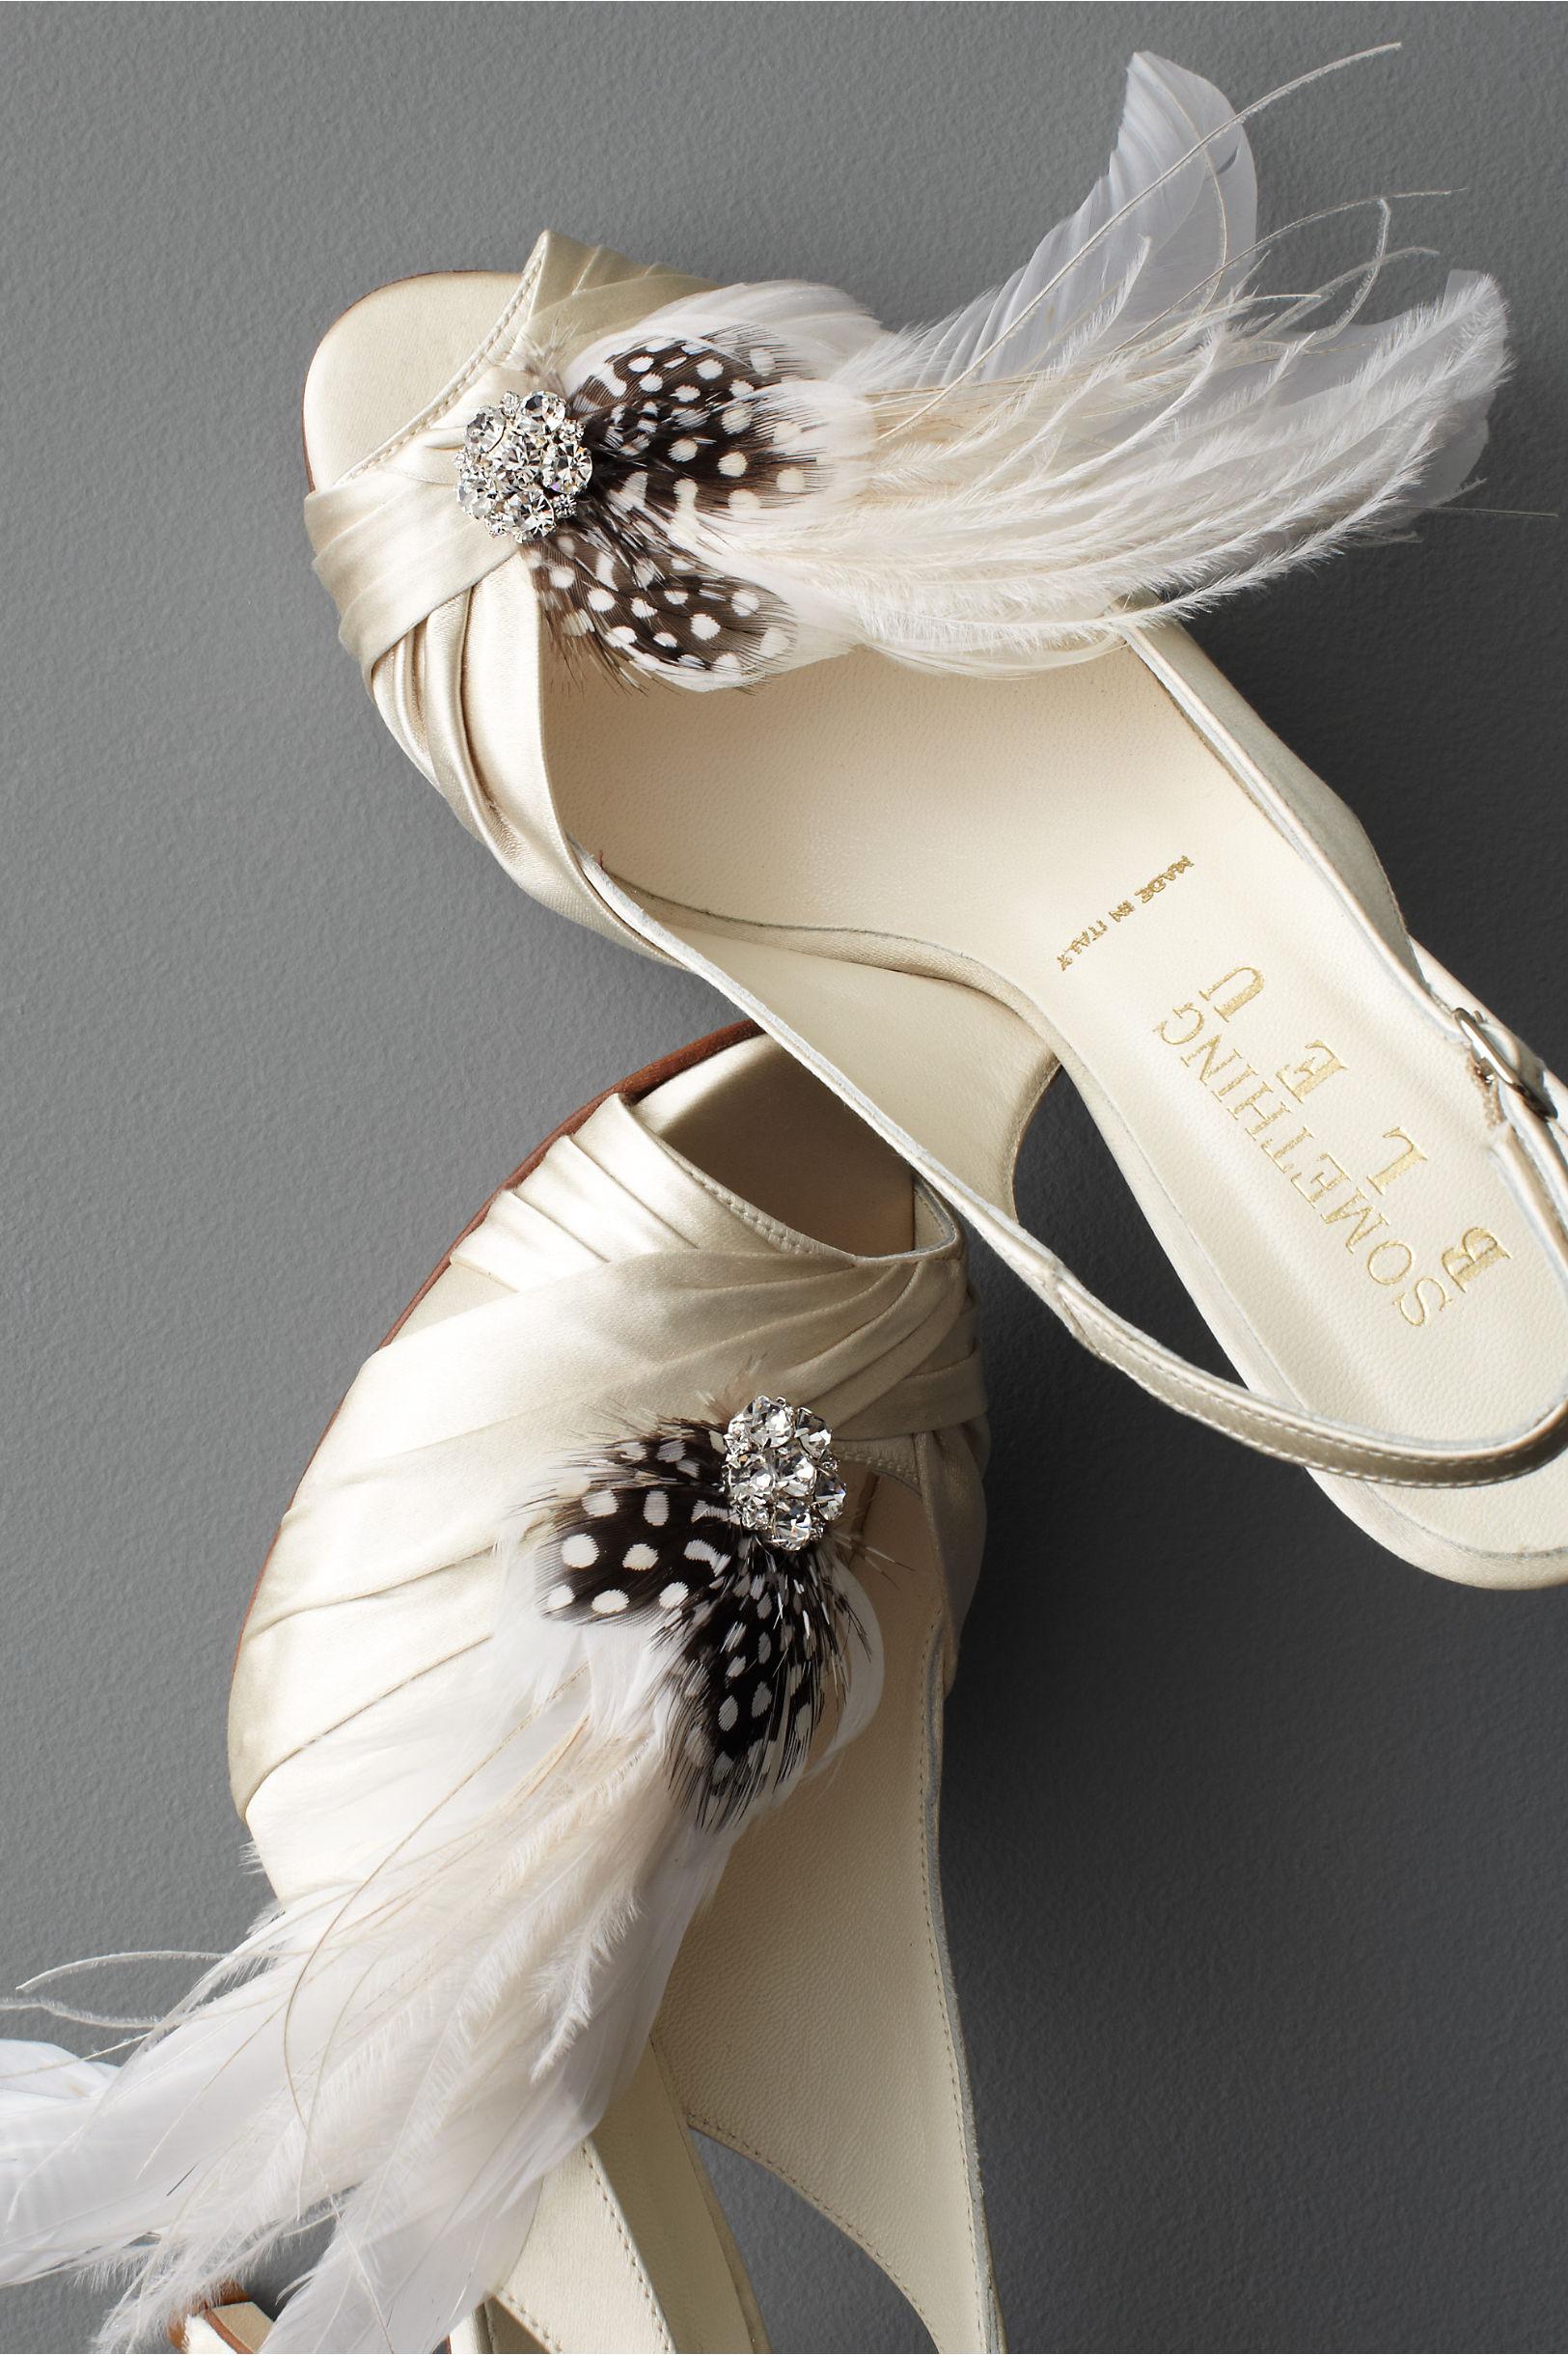 Twigs Honey White Festooned Shoe Clips Bhldn